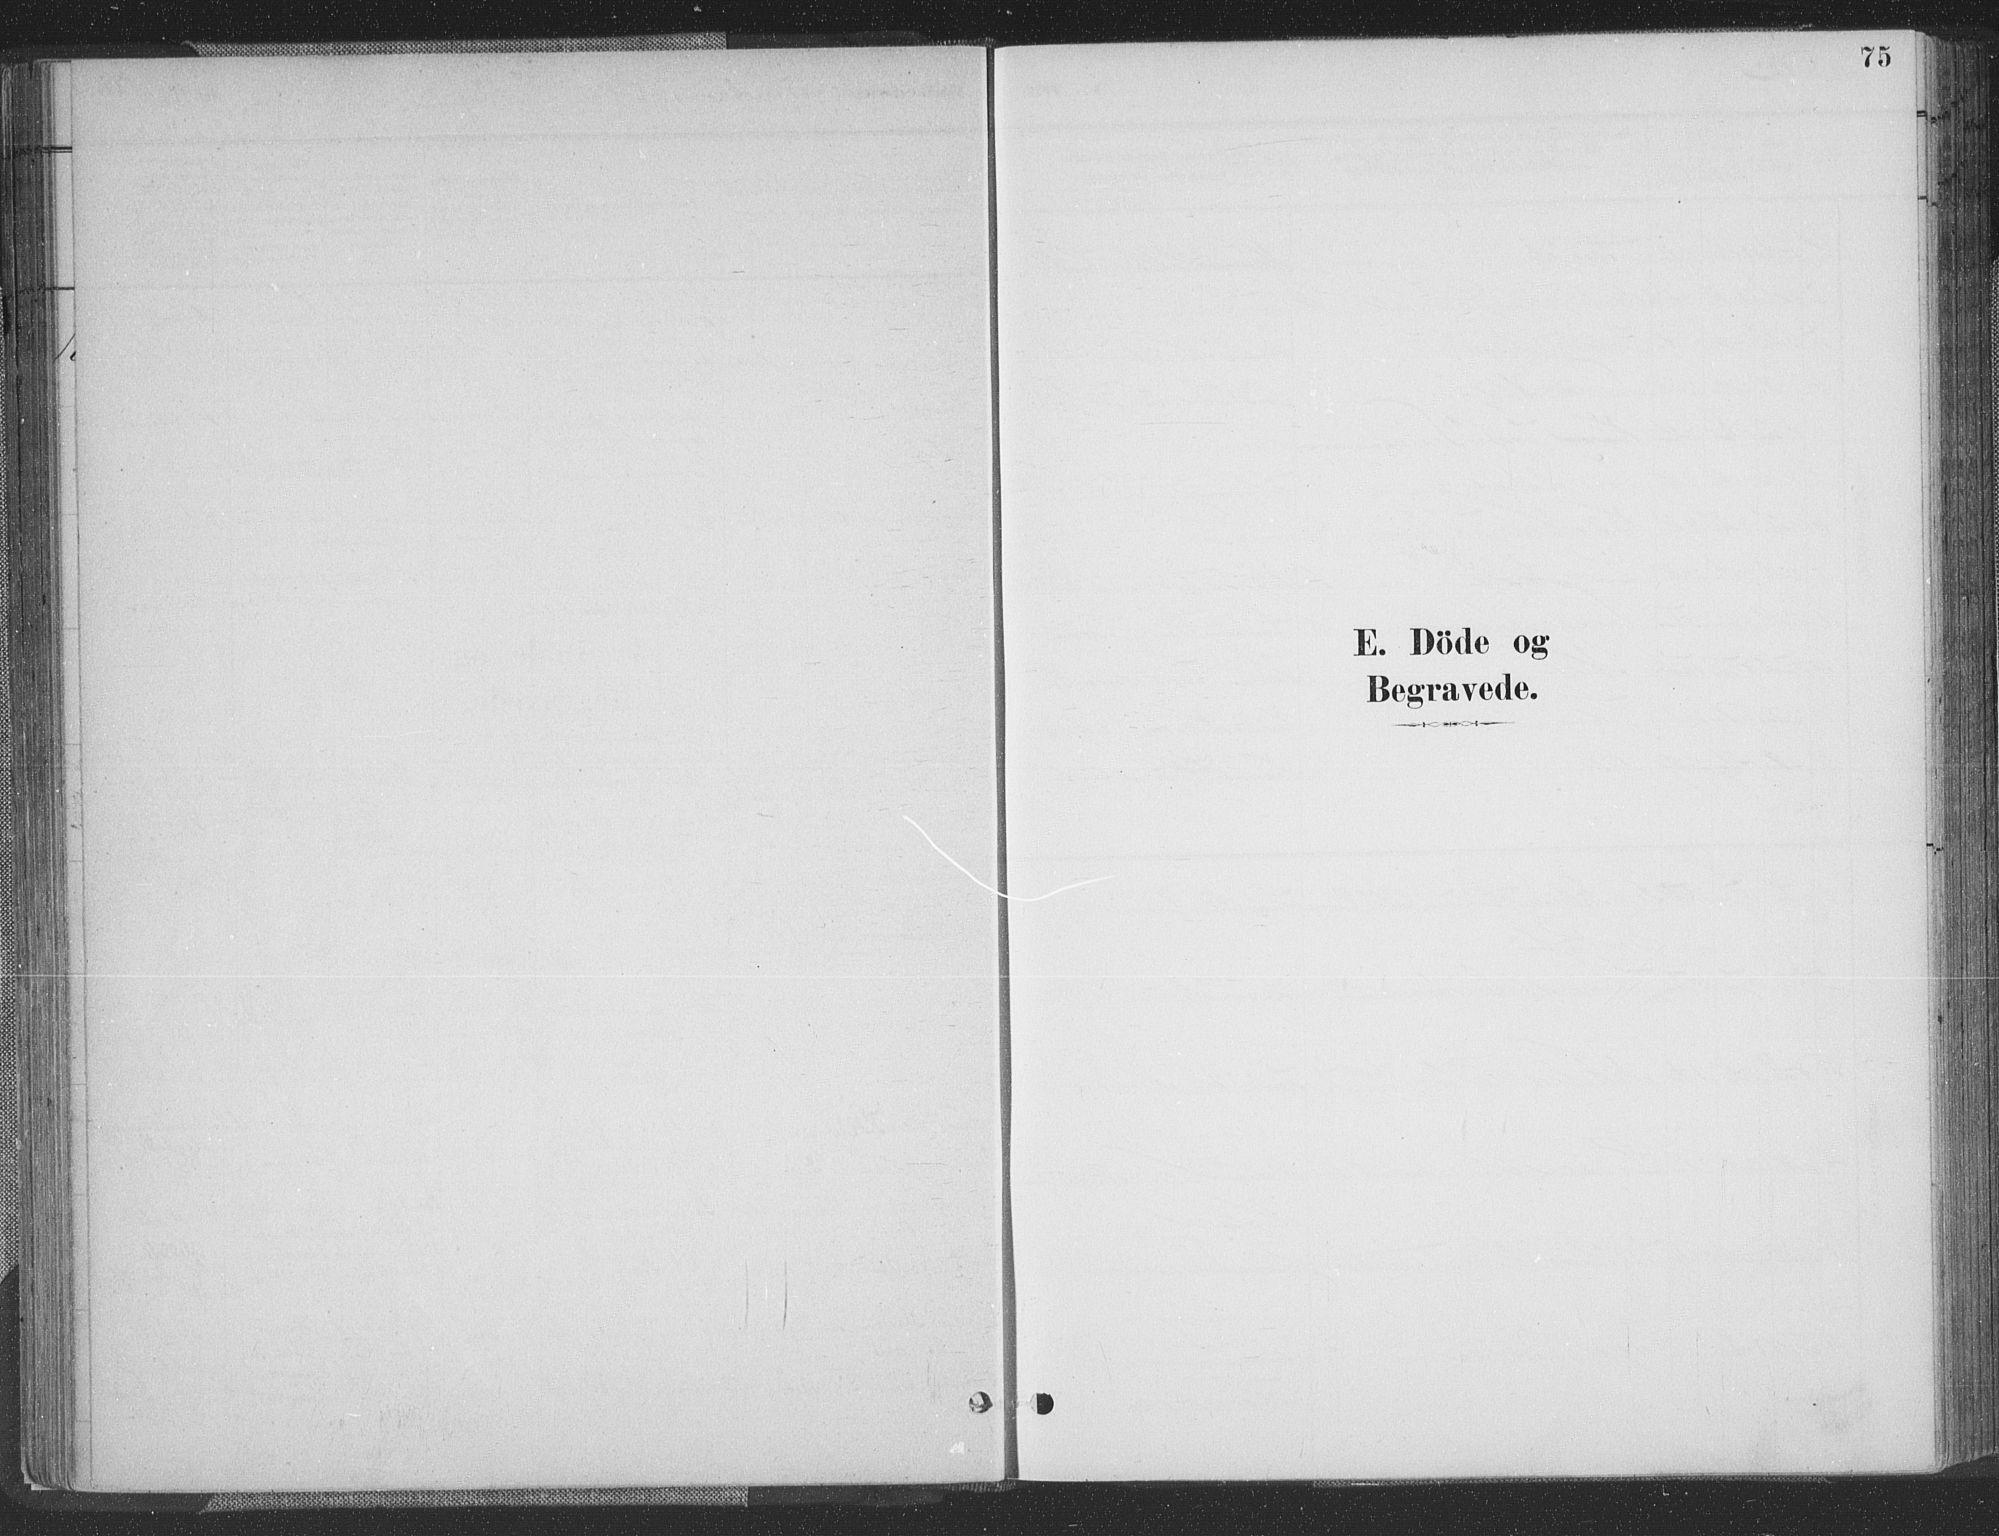 SAK, Grimstad sokneprestkontor, F/Fa/L0004: Parish register (official) no. A 3, 1882-1910, p. 75